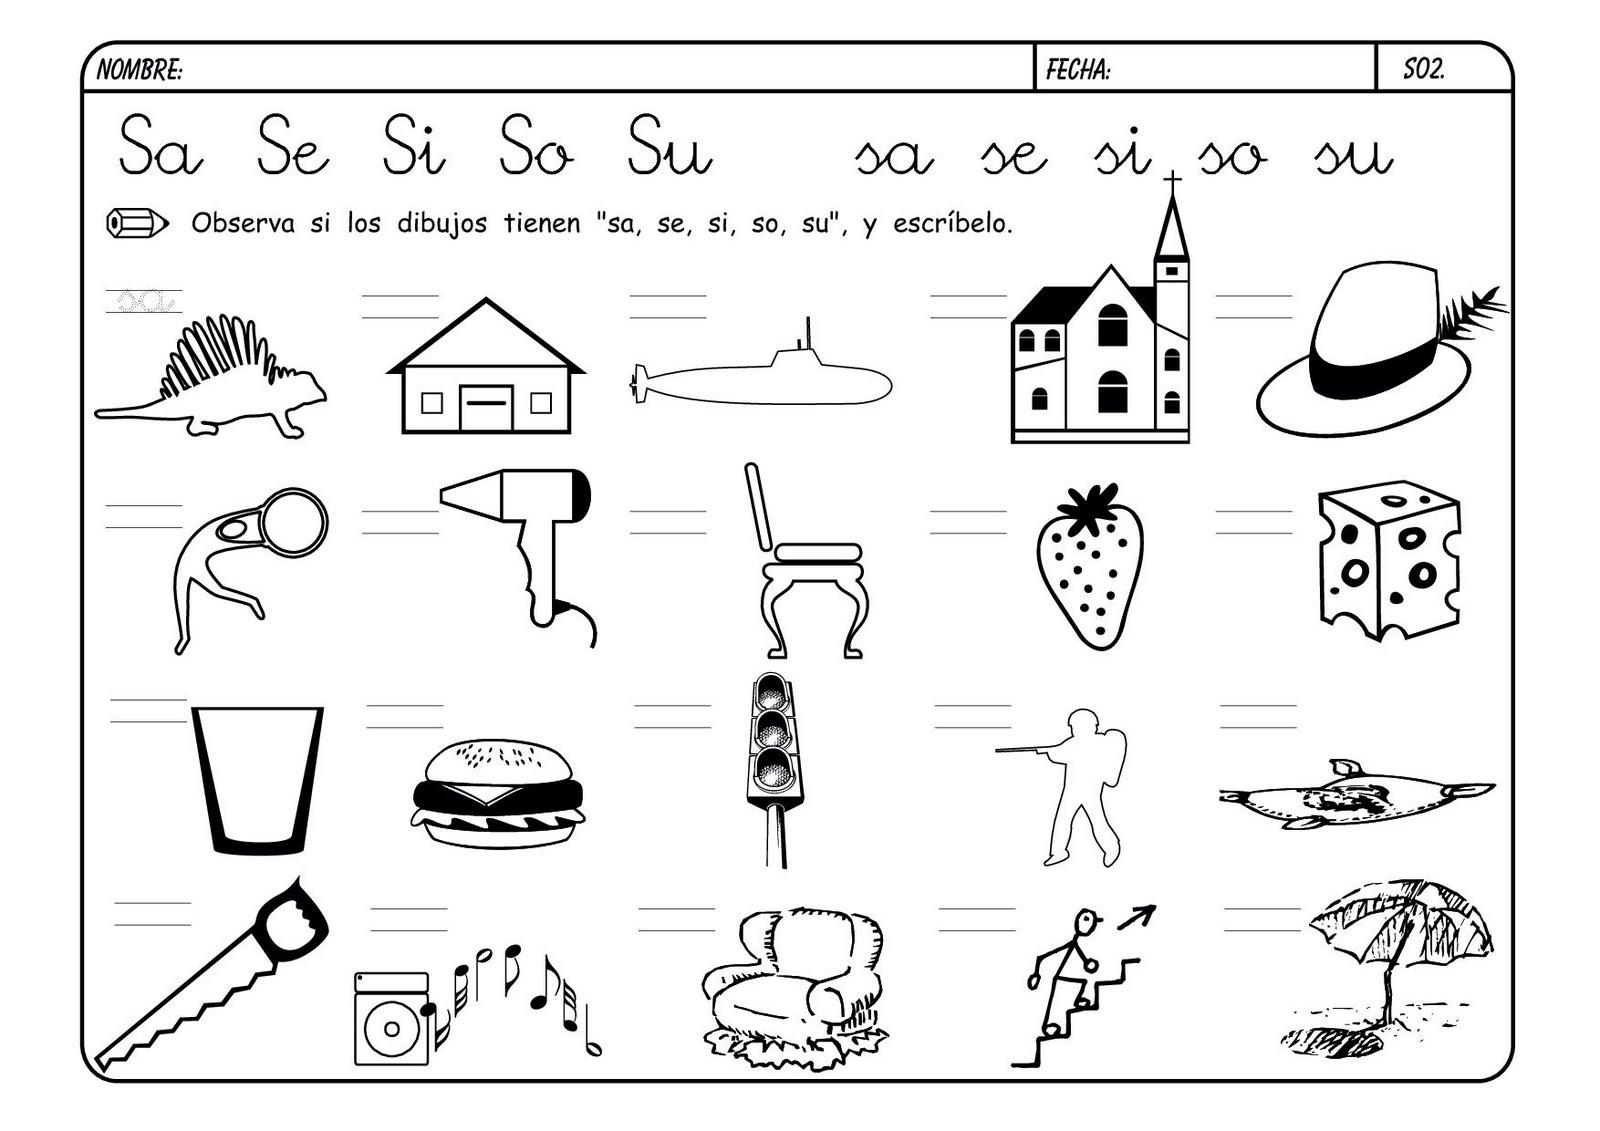 Fichas de infantil y primaria: Lectoescritura con la letra S